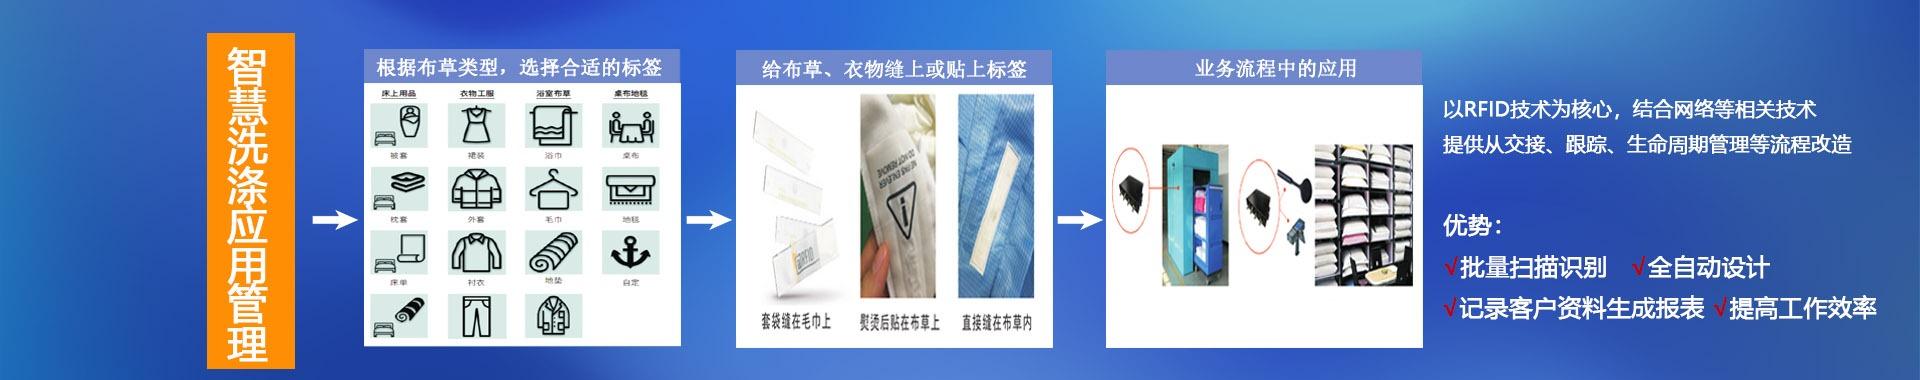 RFID智慧仓储,制造,档案,智慧洗涤解决方案提供商-深圳铨顺宏